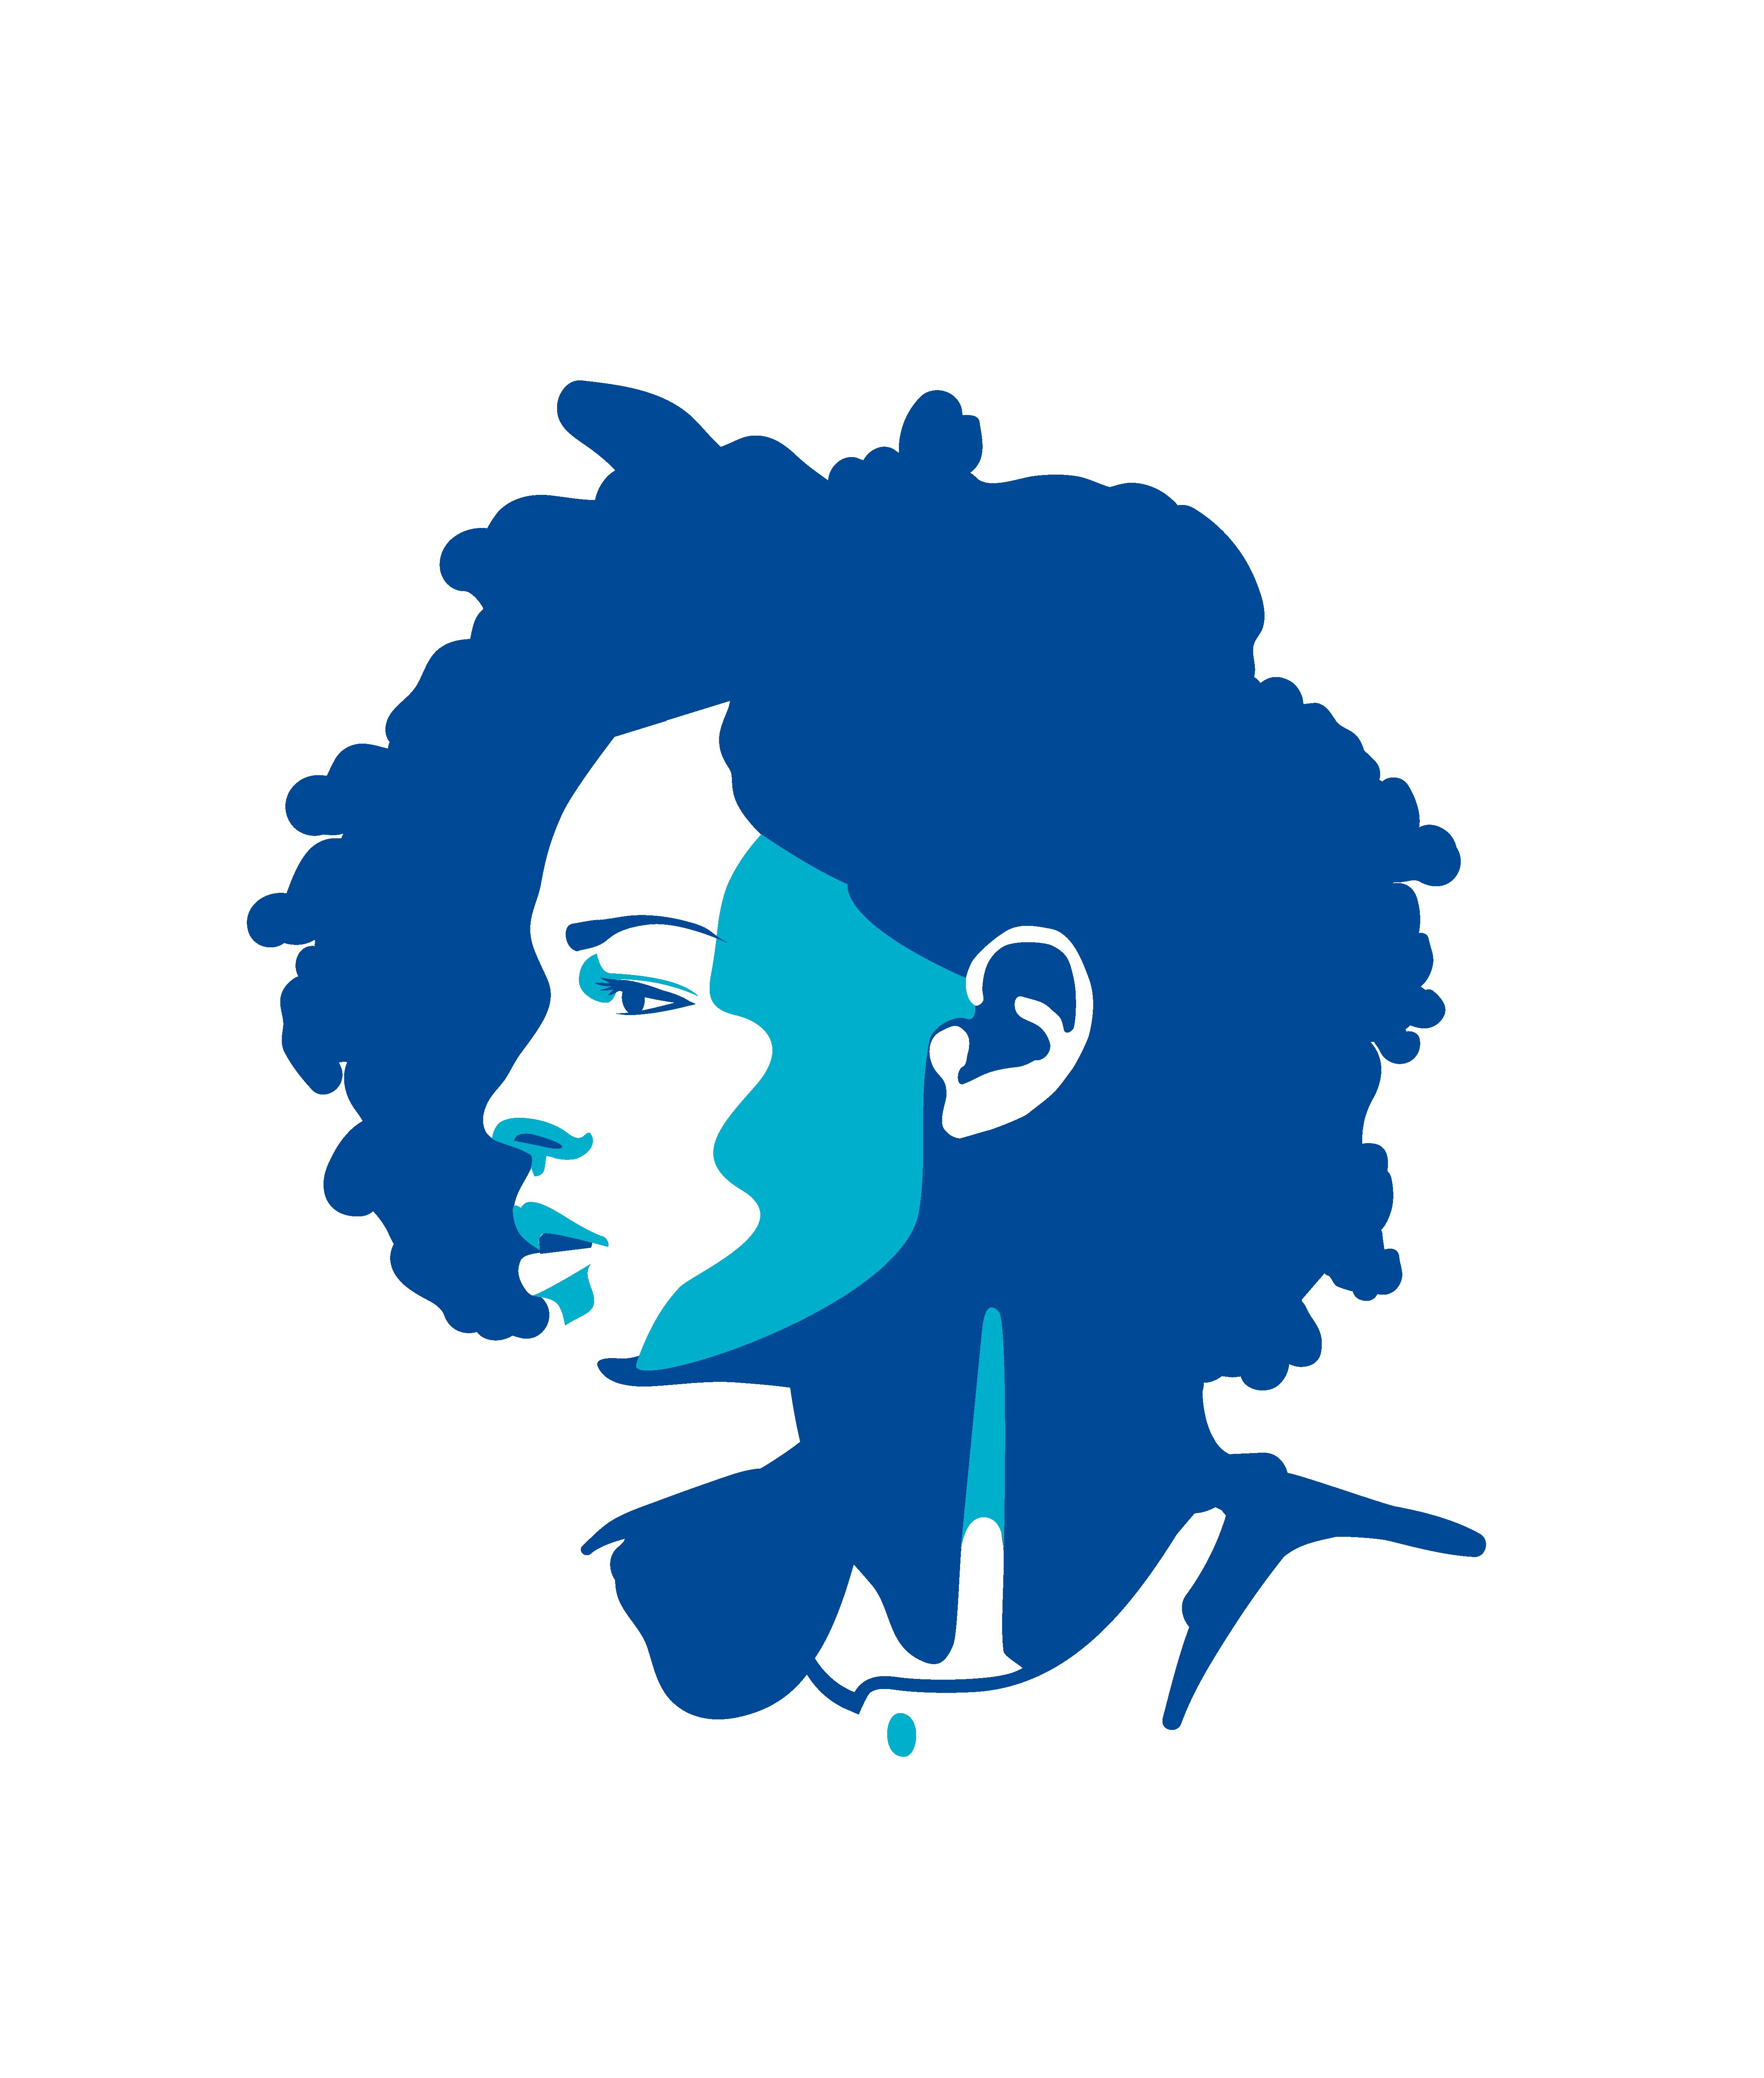 in blau gestaltete Illustration einer Person (Kopf und Schultern)